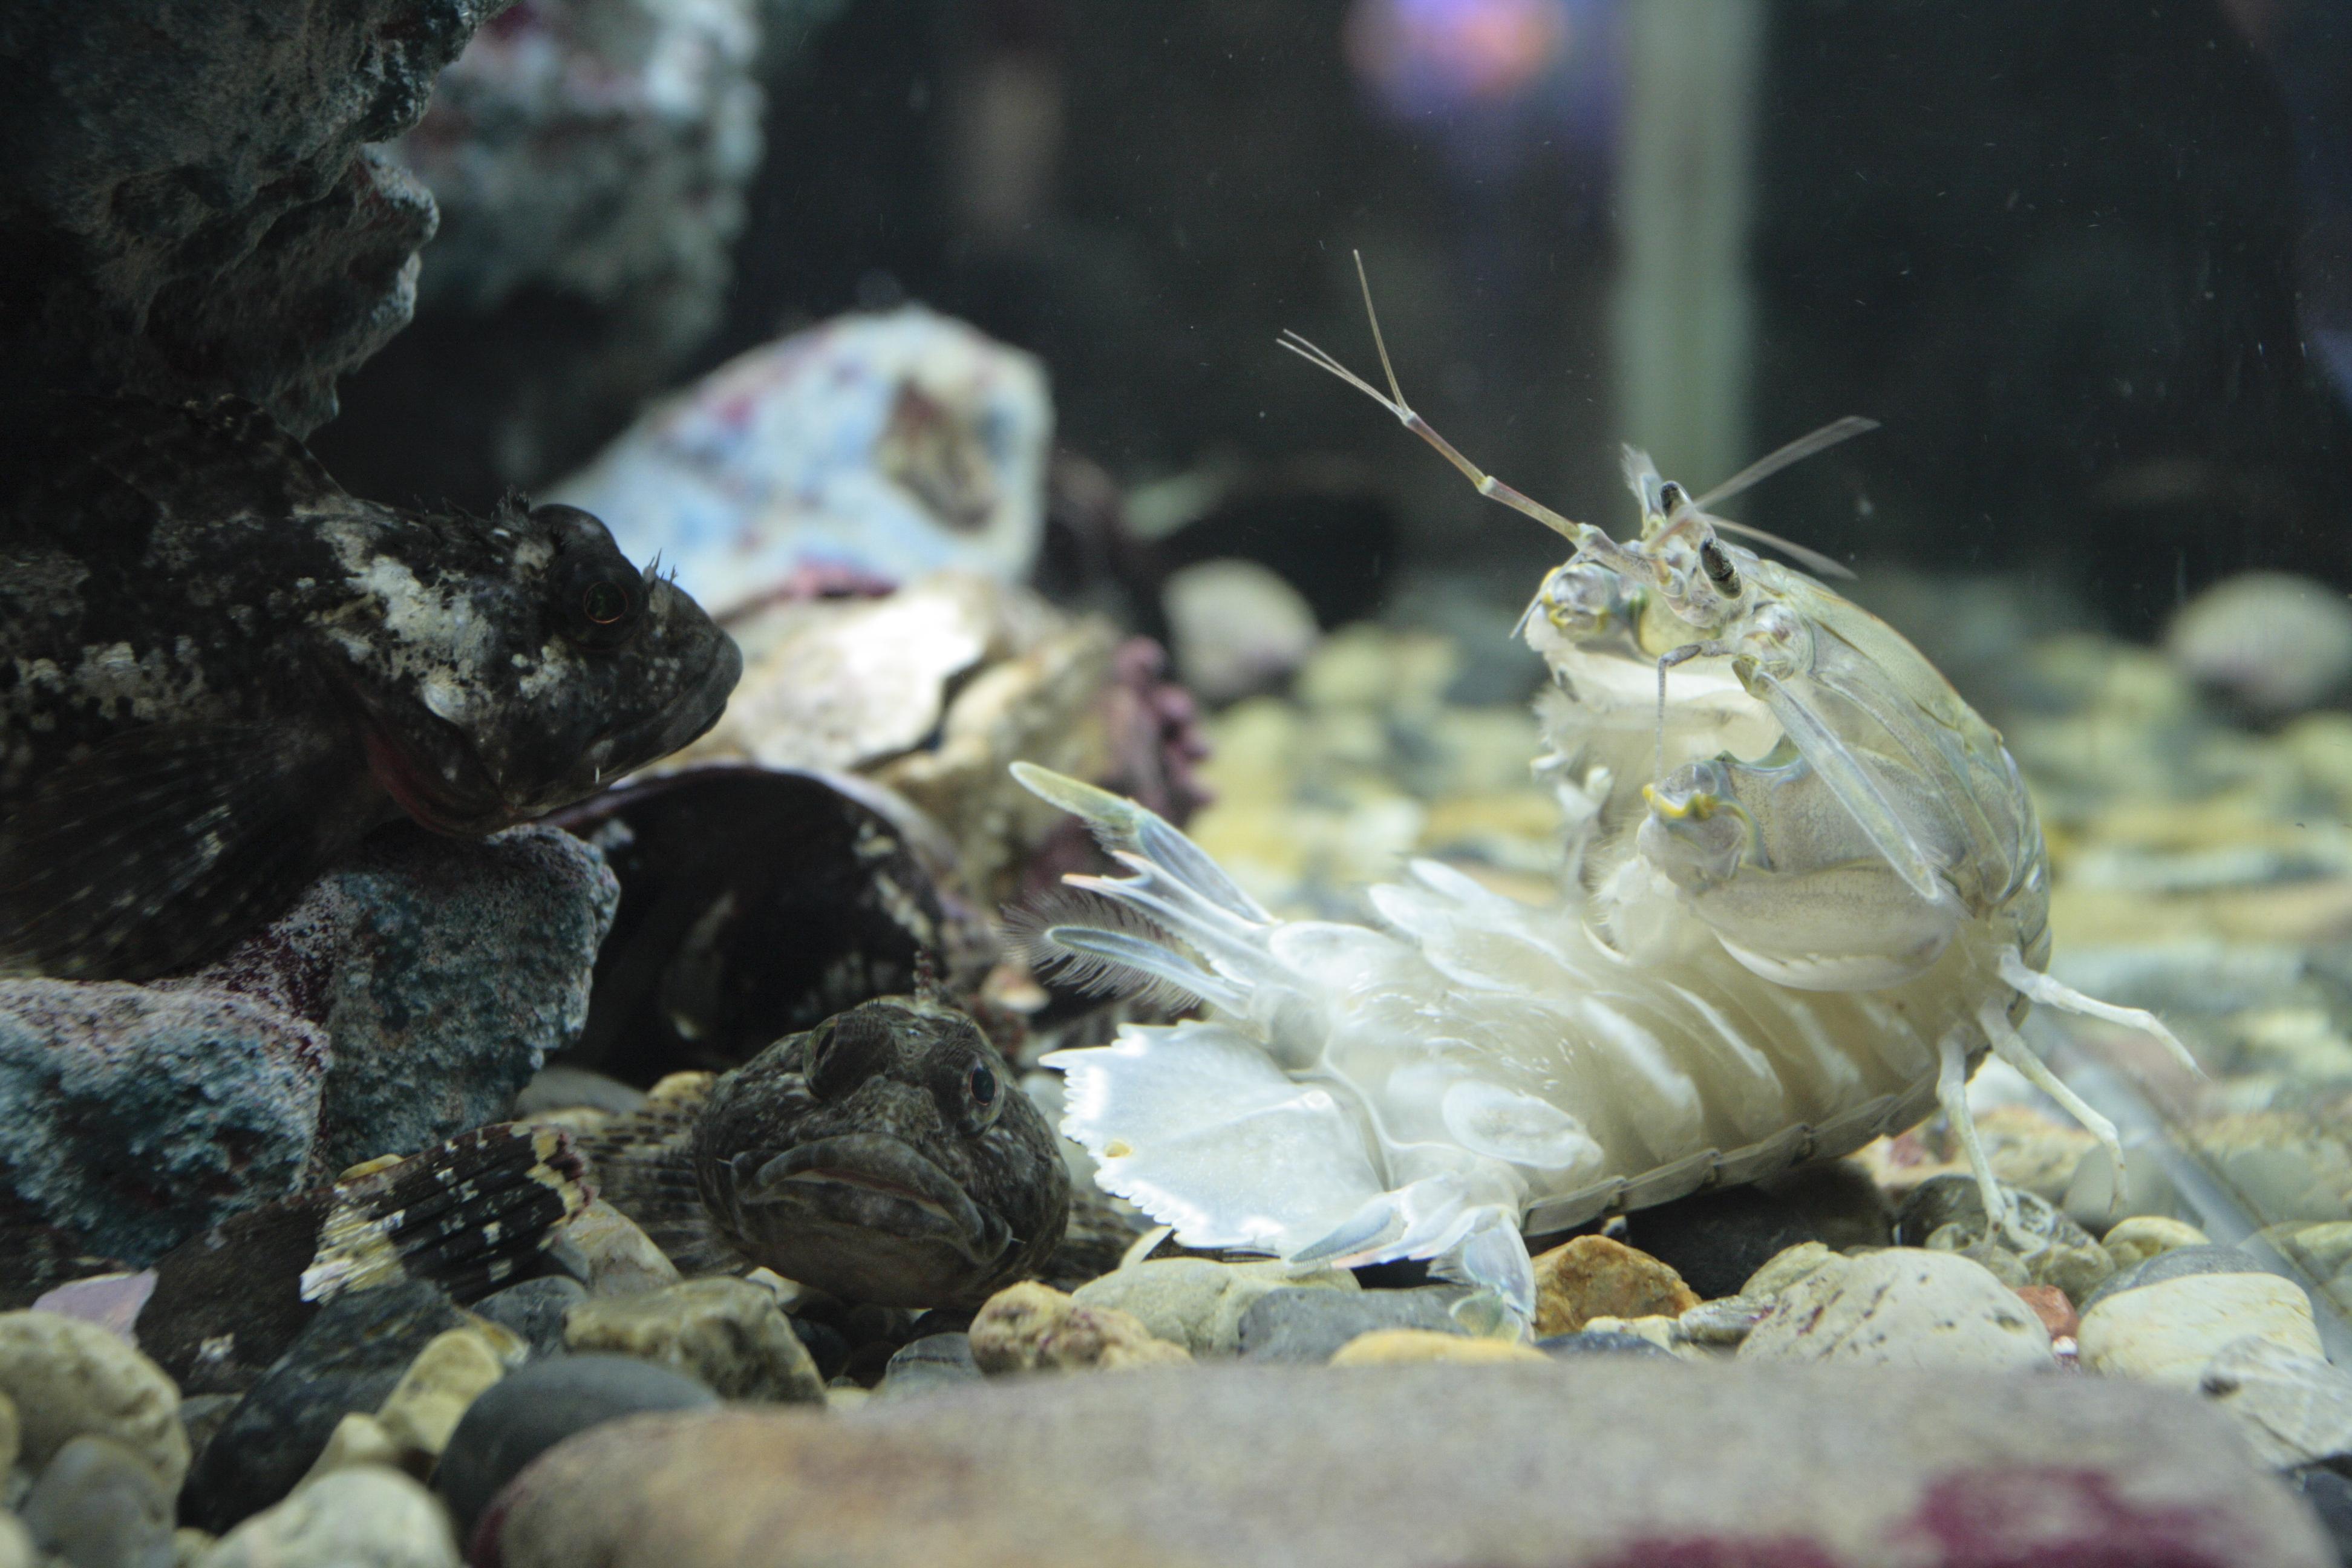 Image of Mantis shrimp